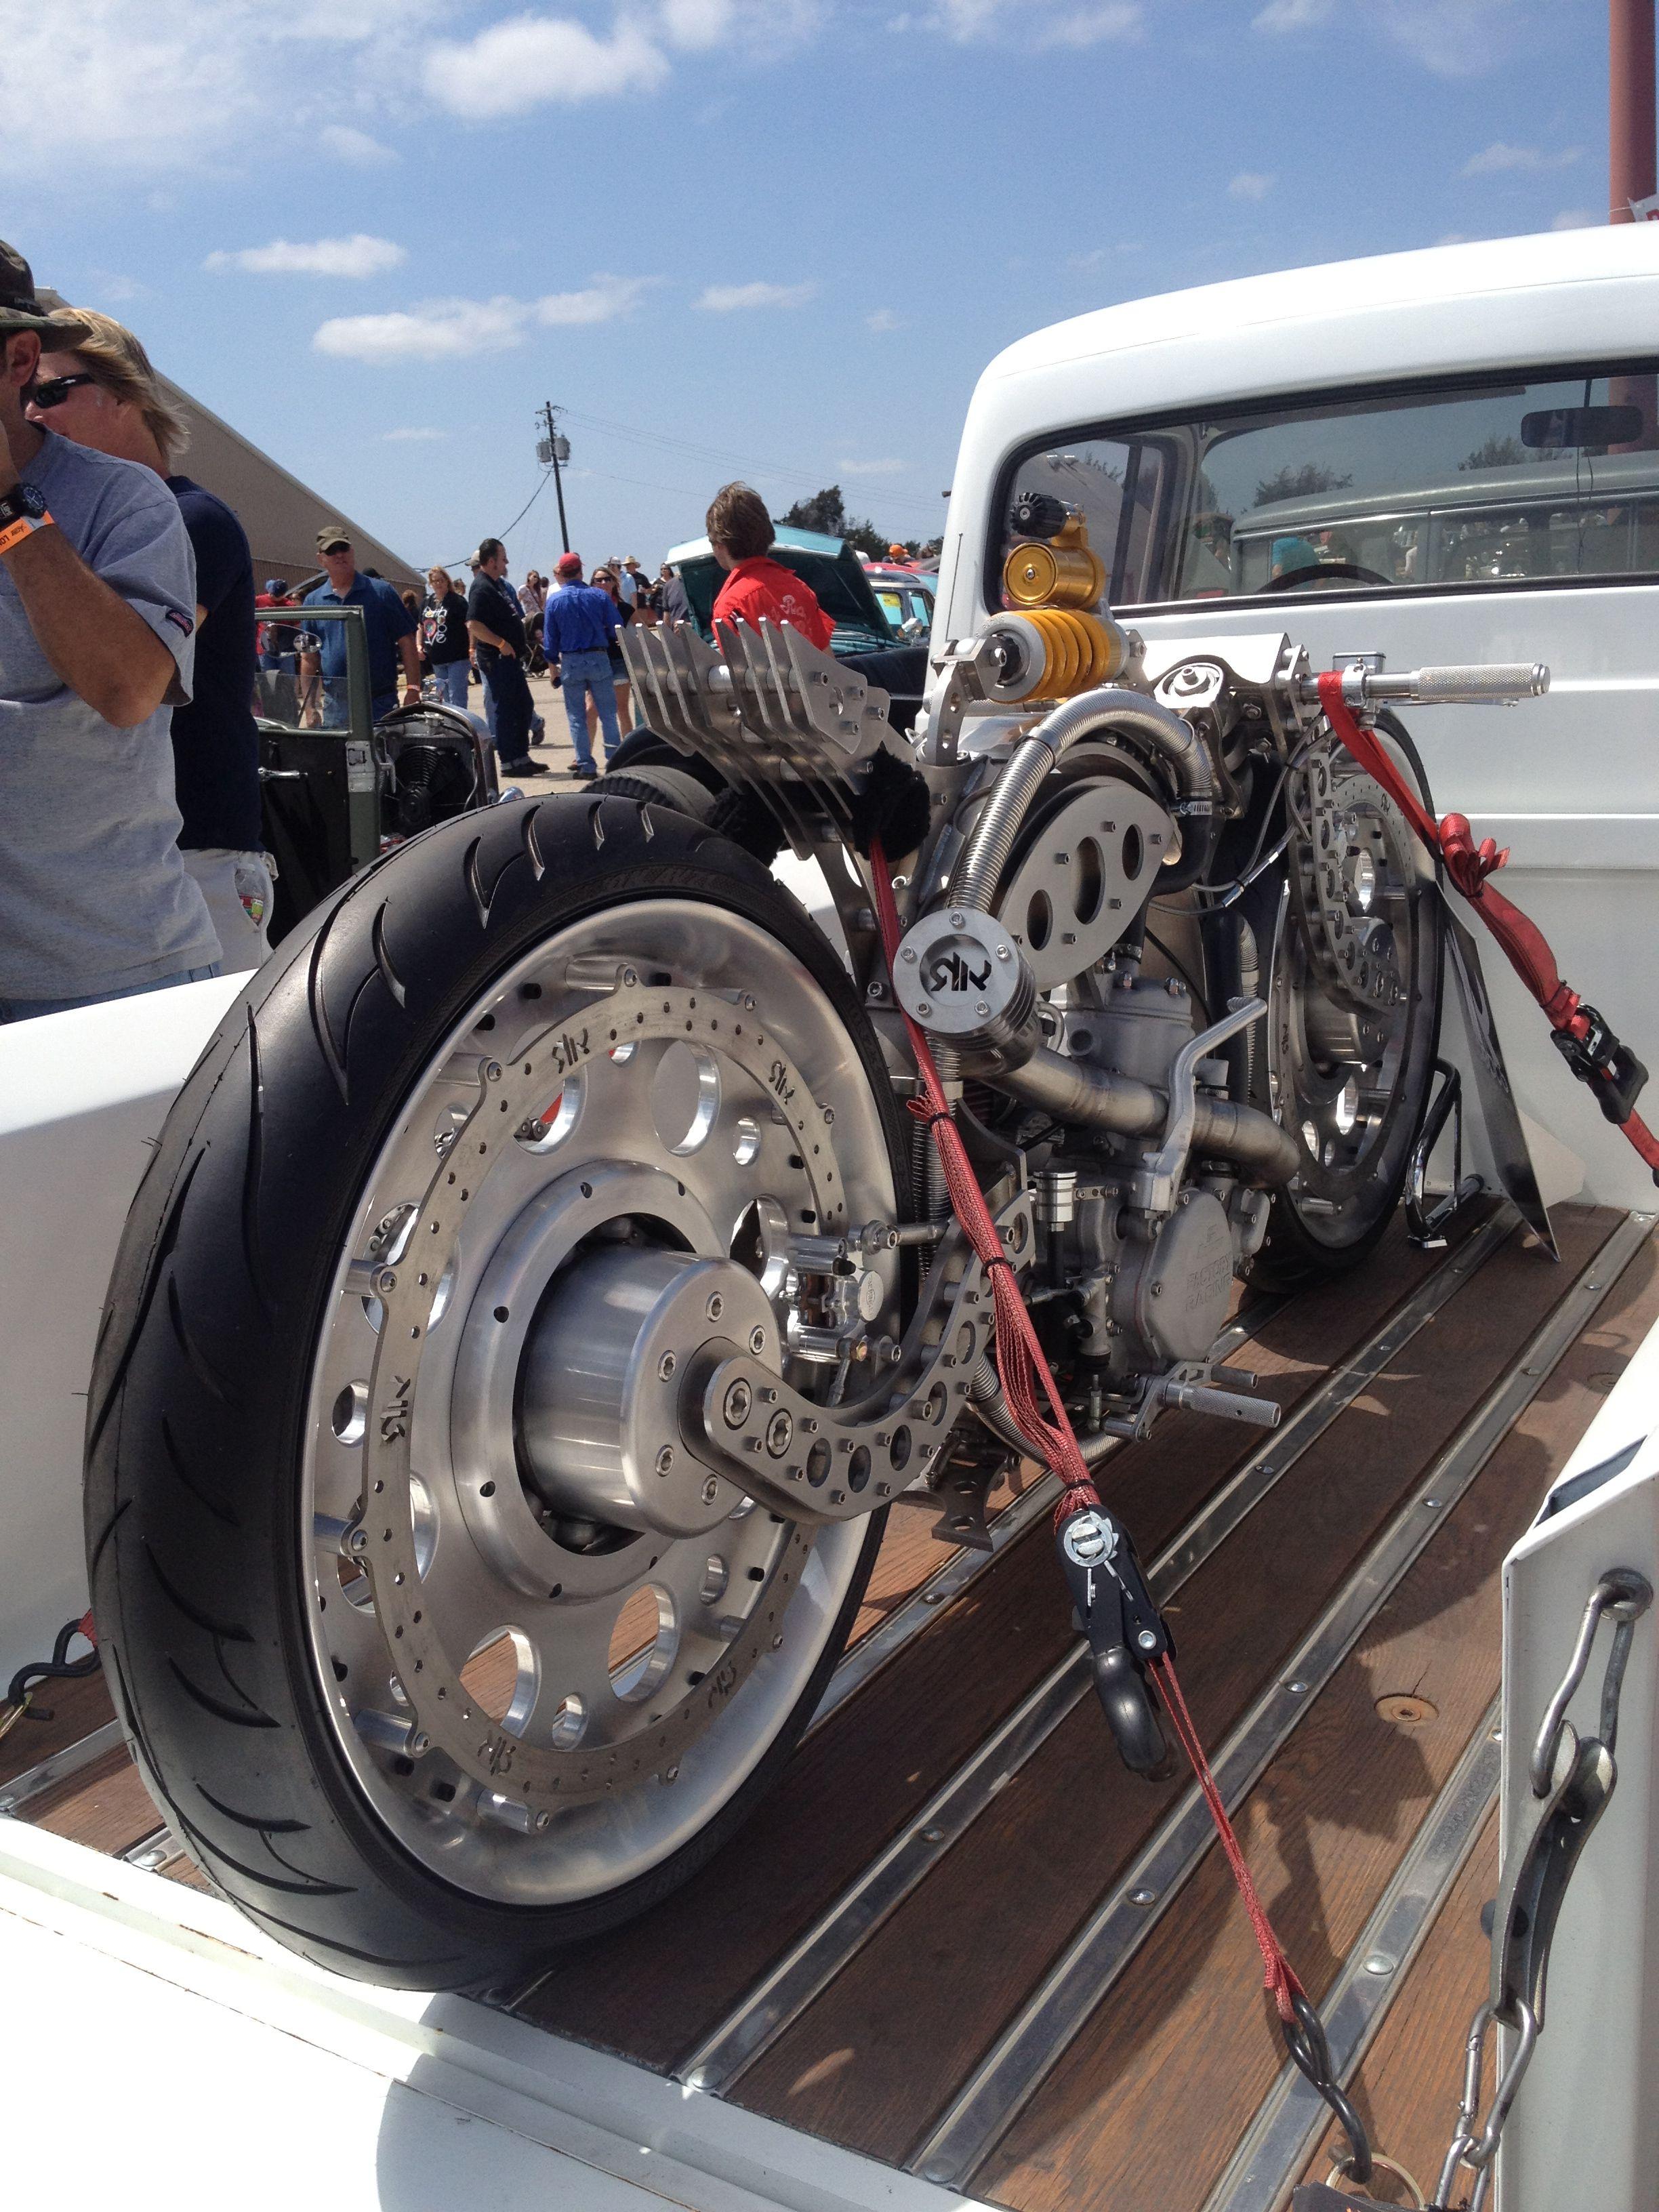 Bearing bike bike motorcycle steering wheel